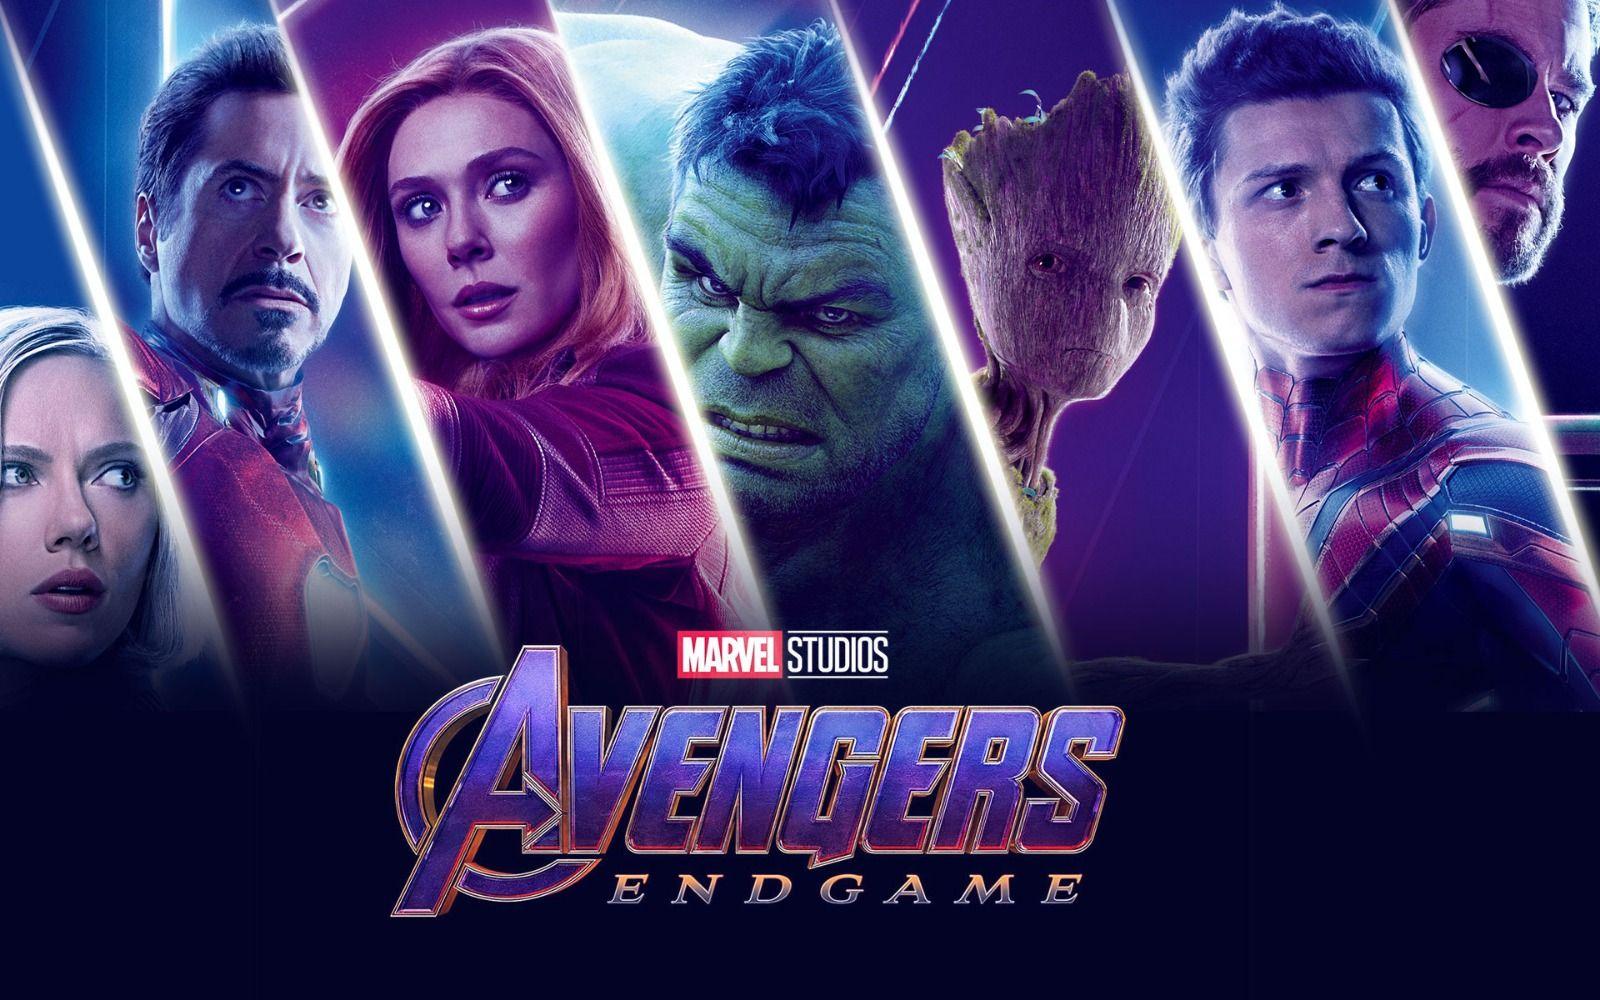 Avengers Endgame Full Movie Online Hd By Avengers Endgame Full